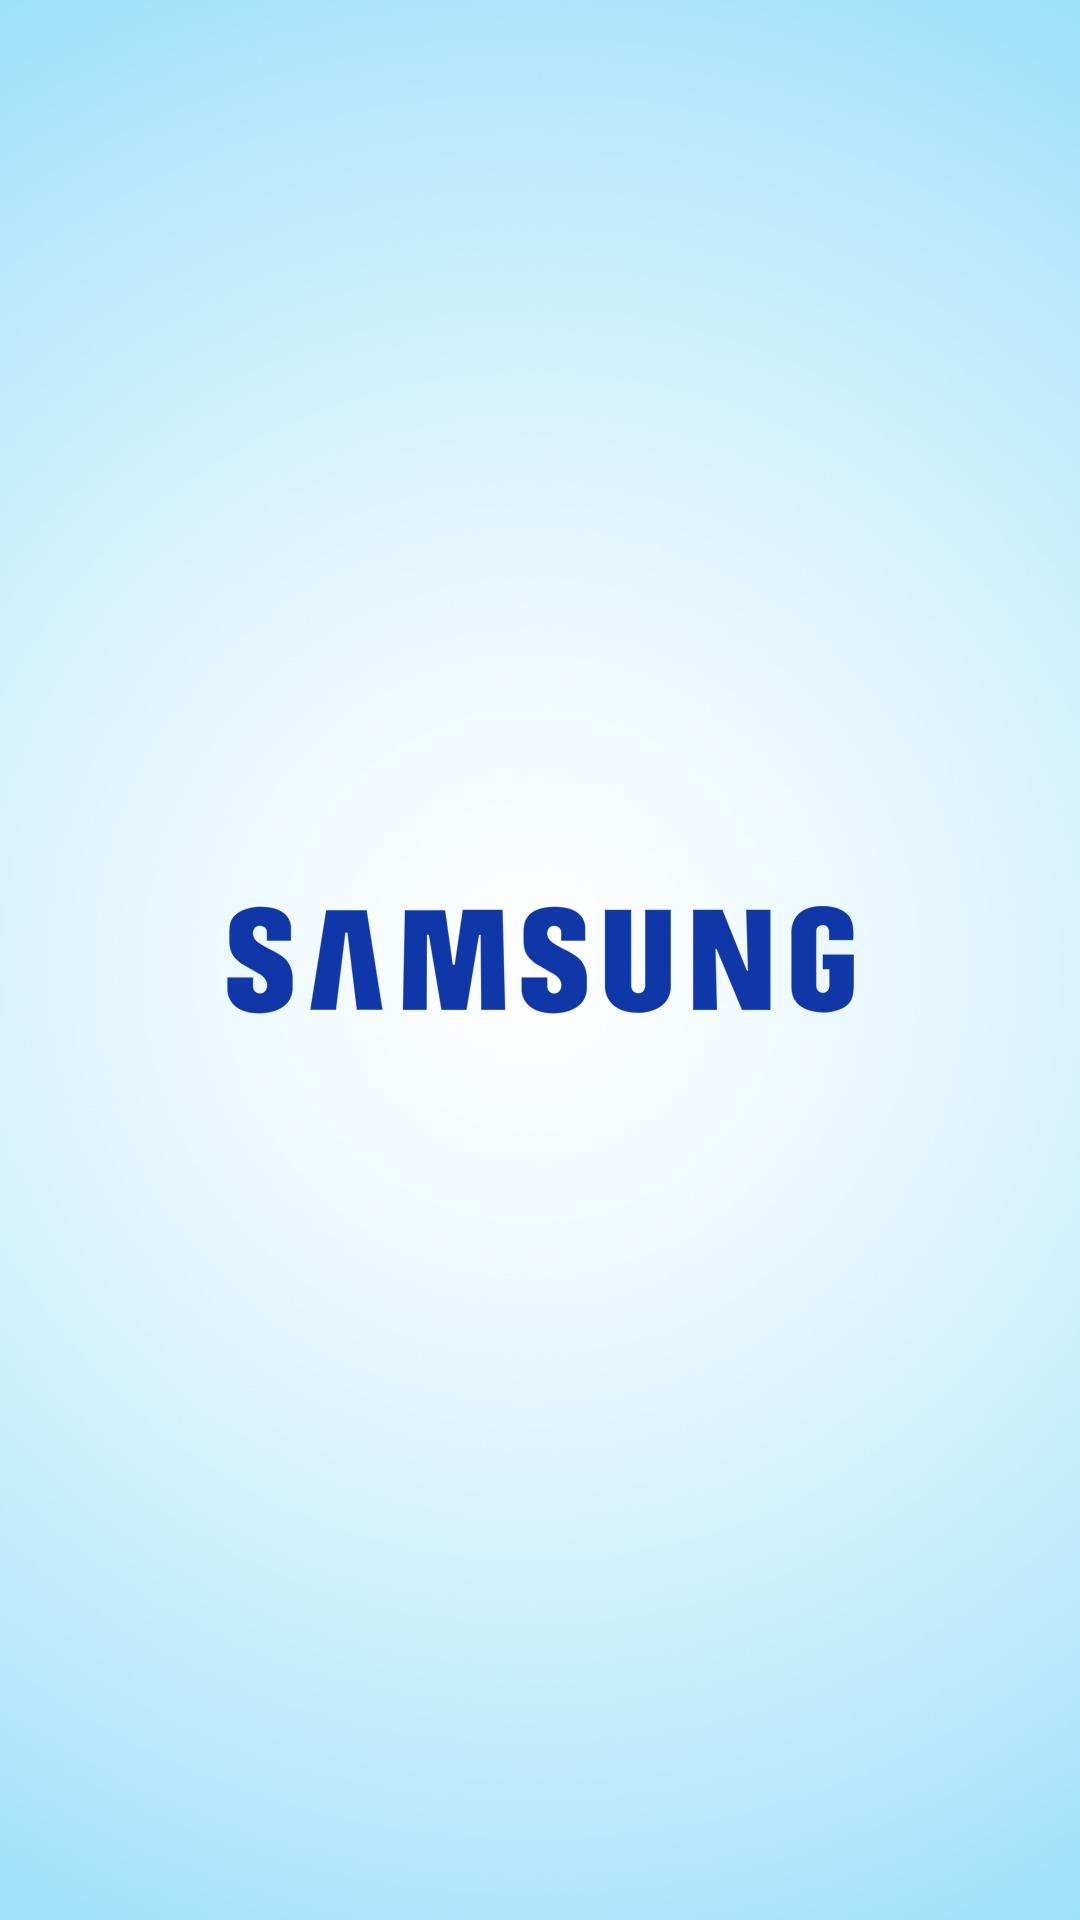 название картинки на телефон с логотипом тренеров непростой